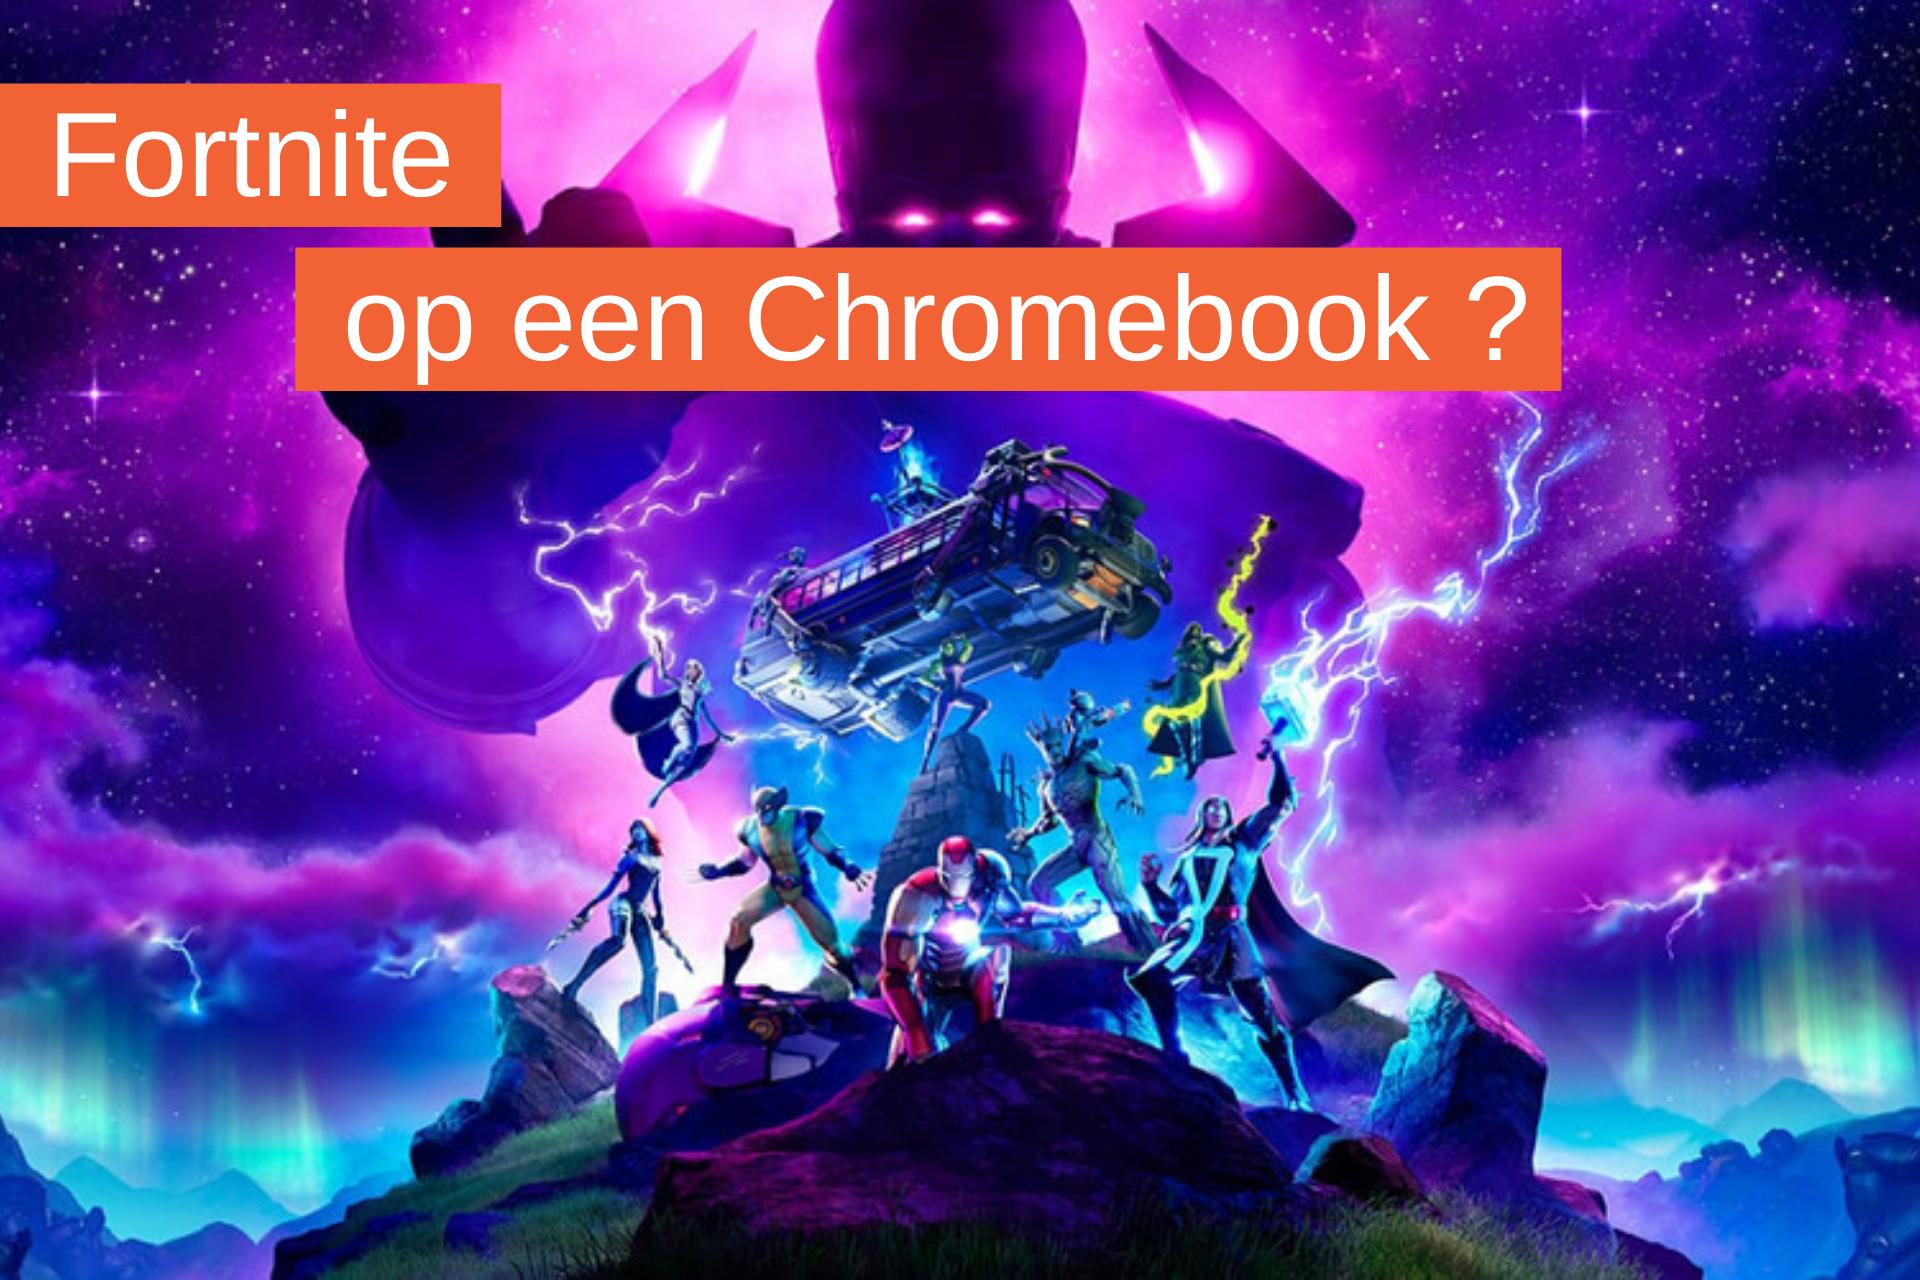 Fortnite-op-een-chromebook